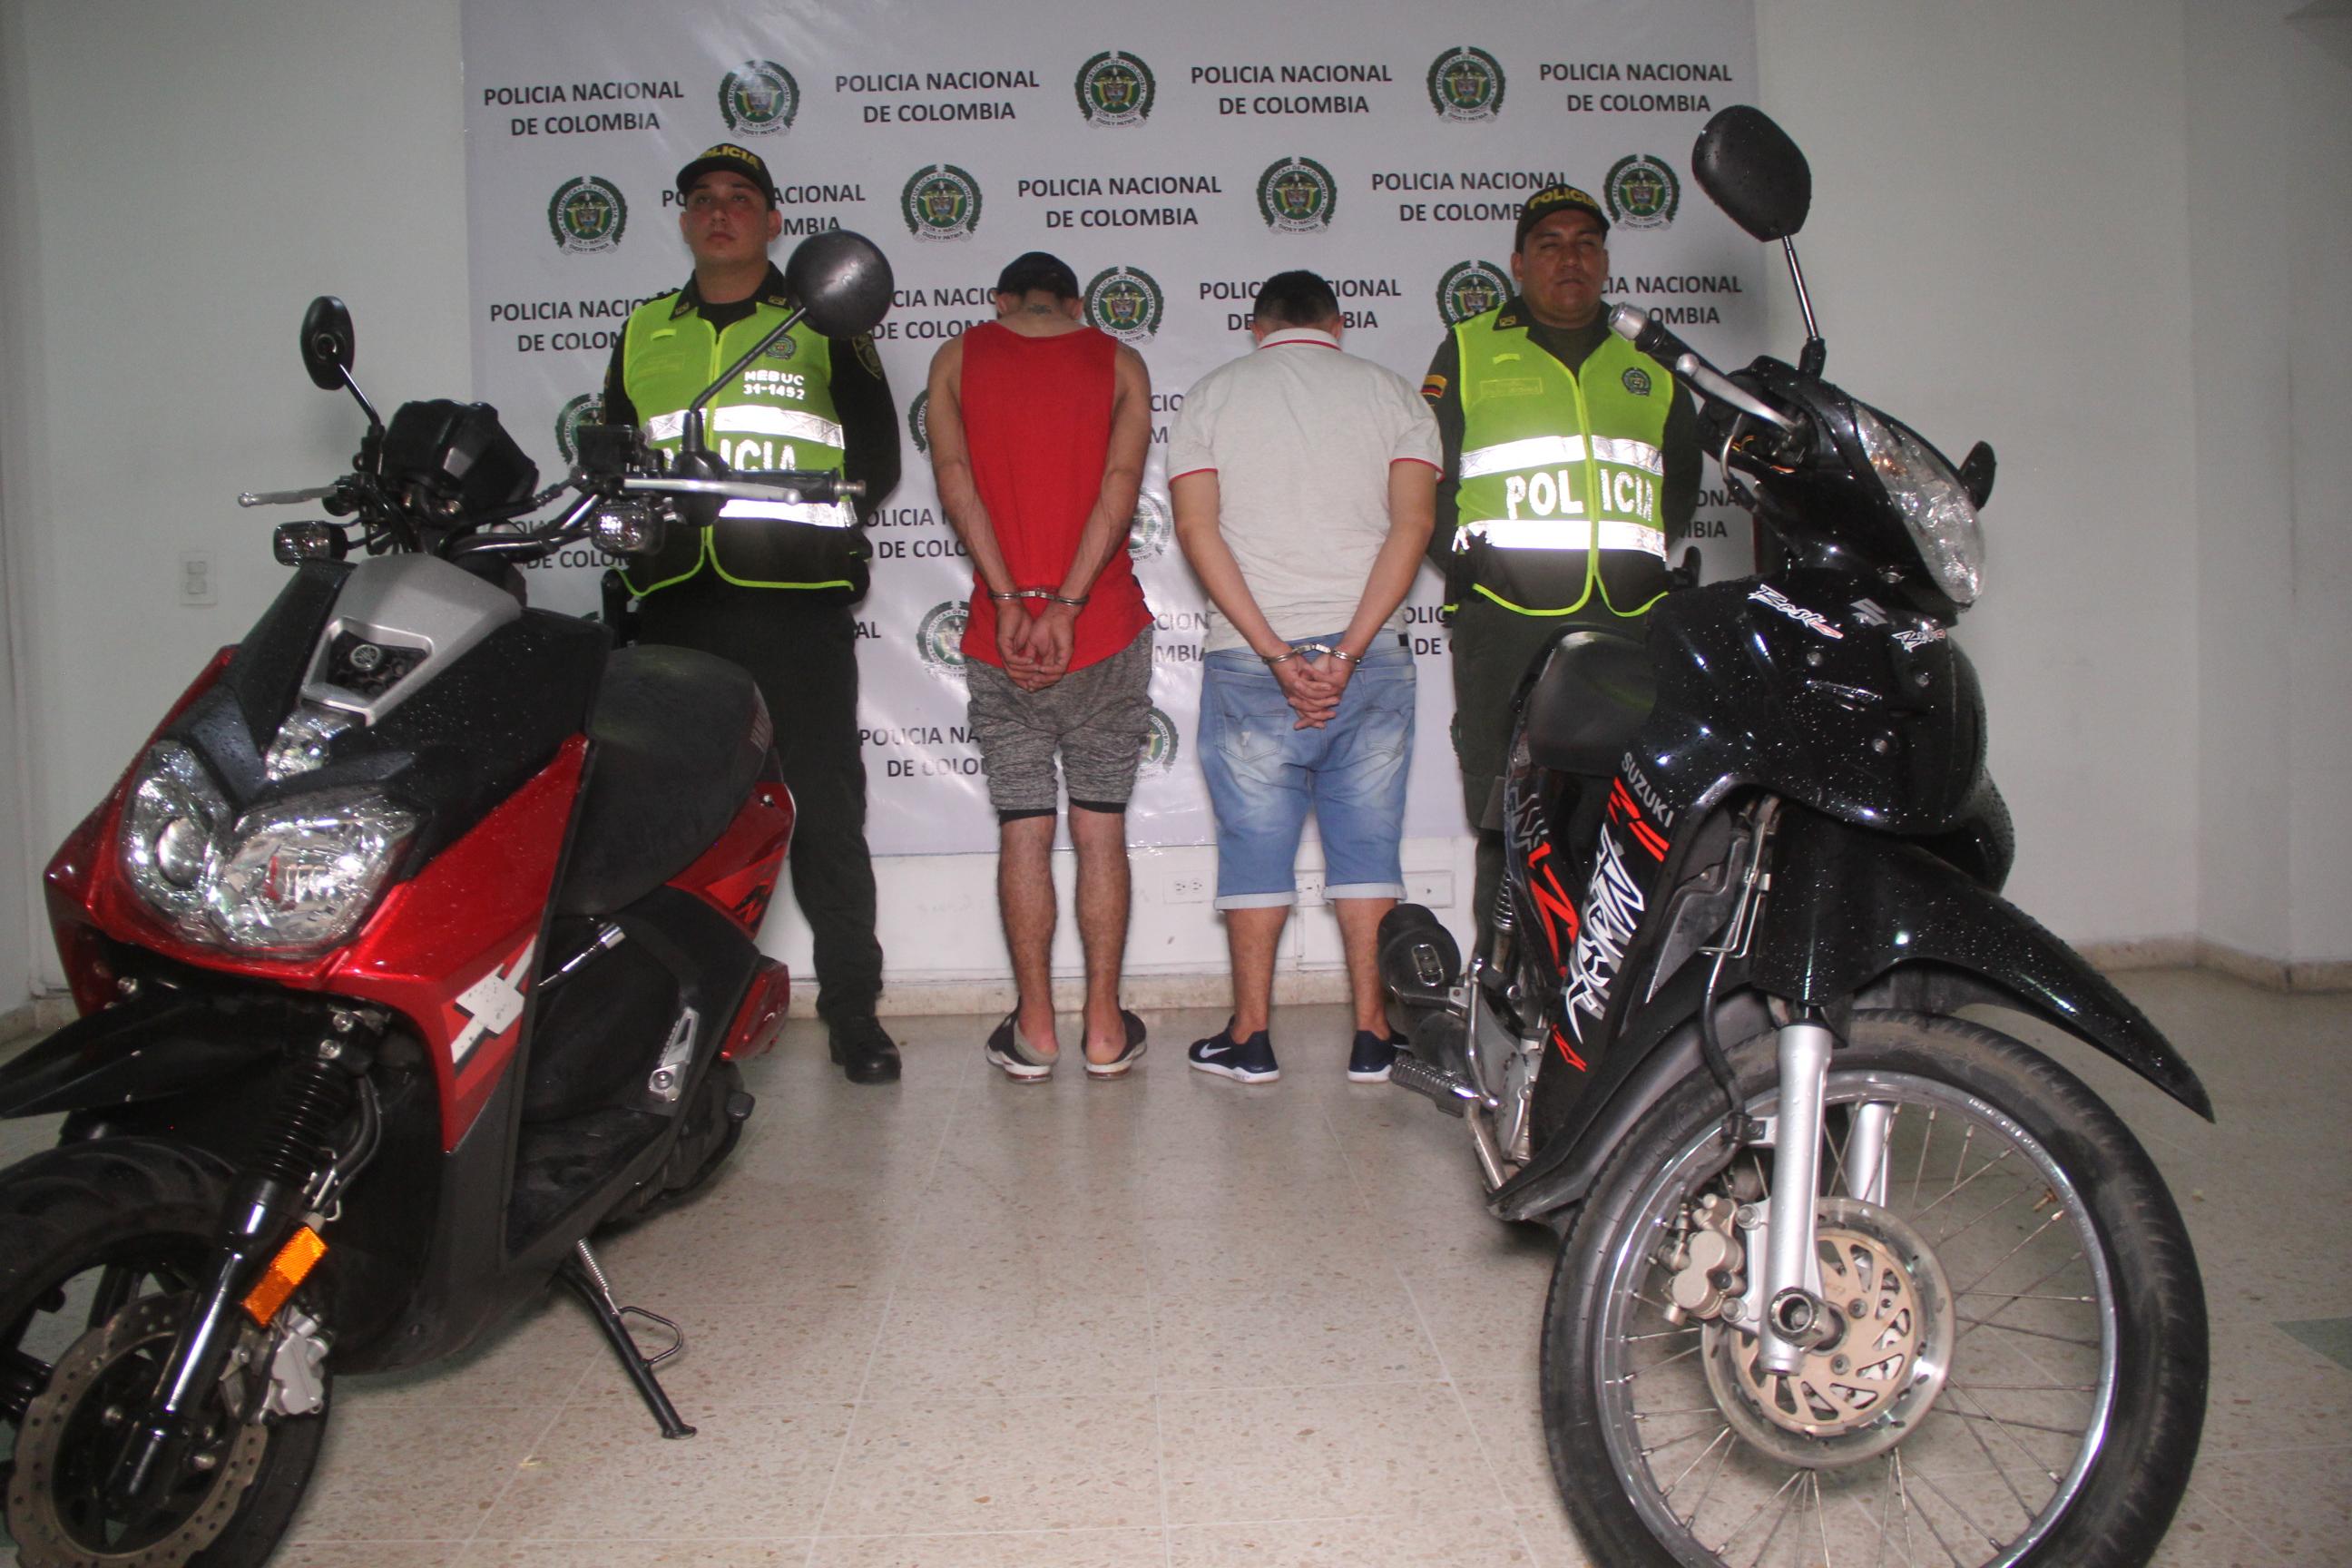 Fueron capturadas 44 personas por hurto y venta de estupefacientes en Bucaramanga | EL FRENTE